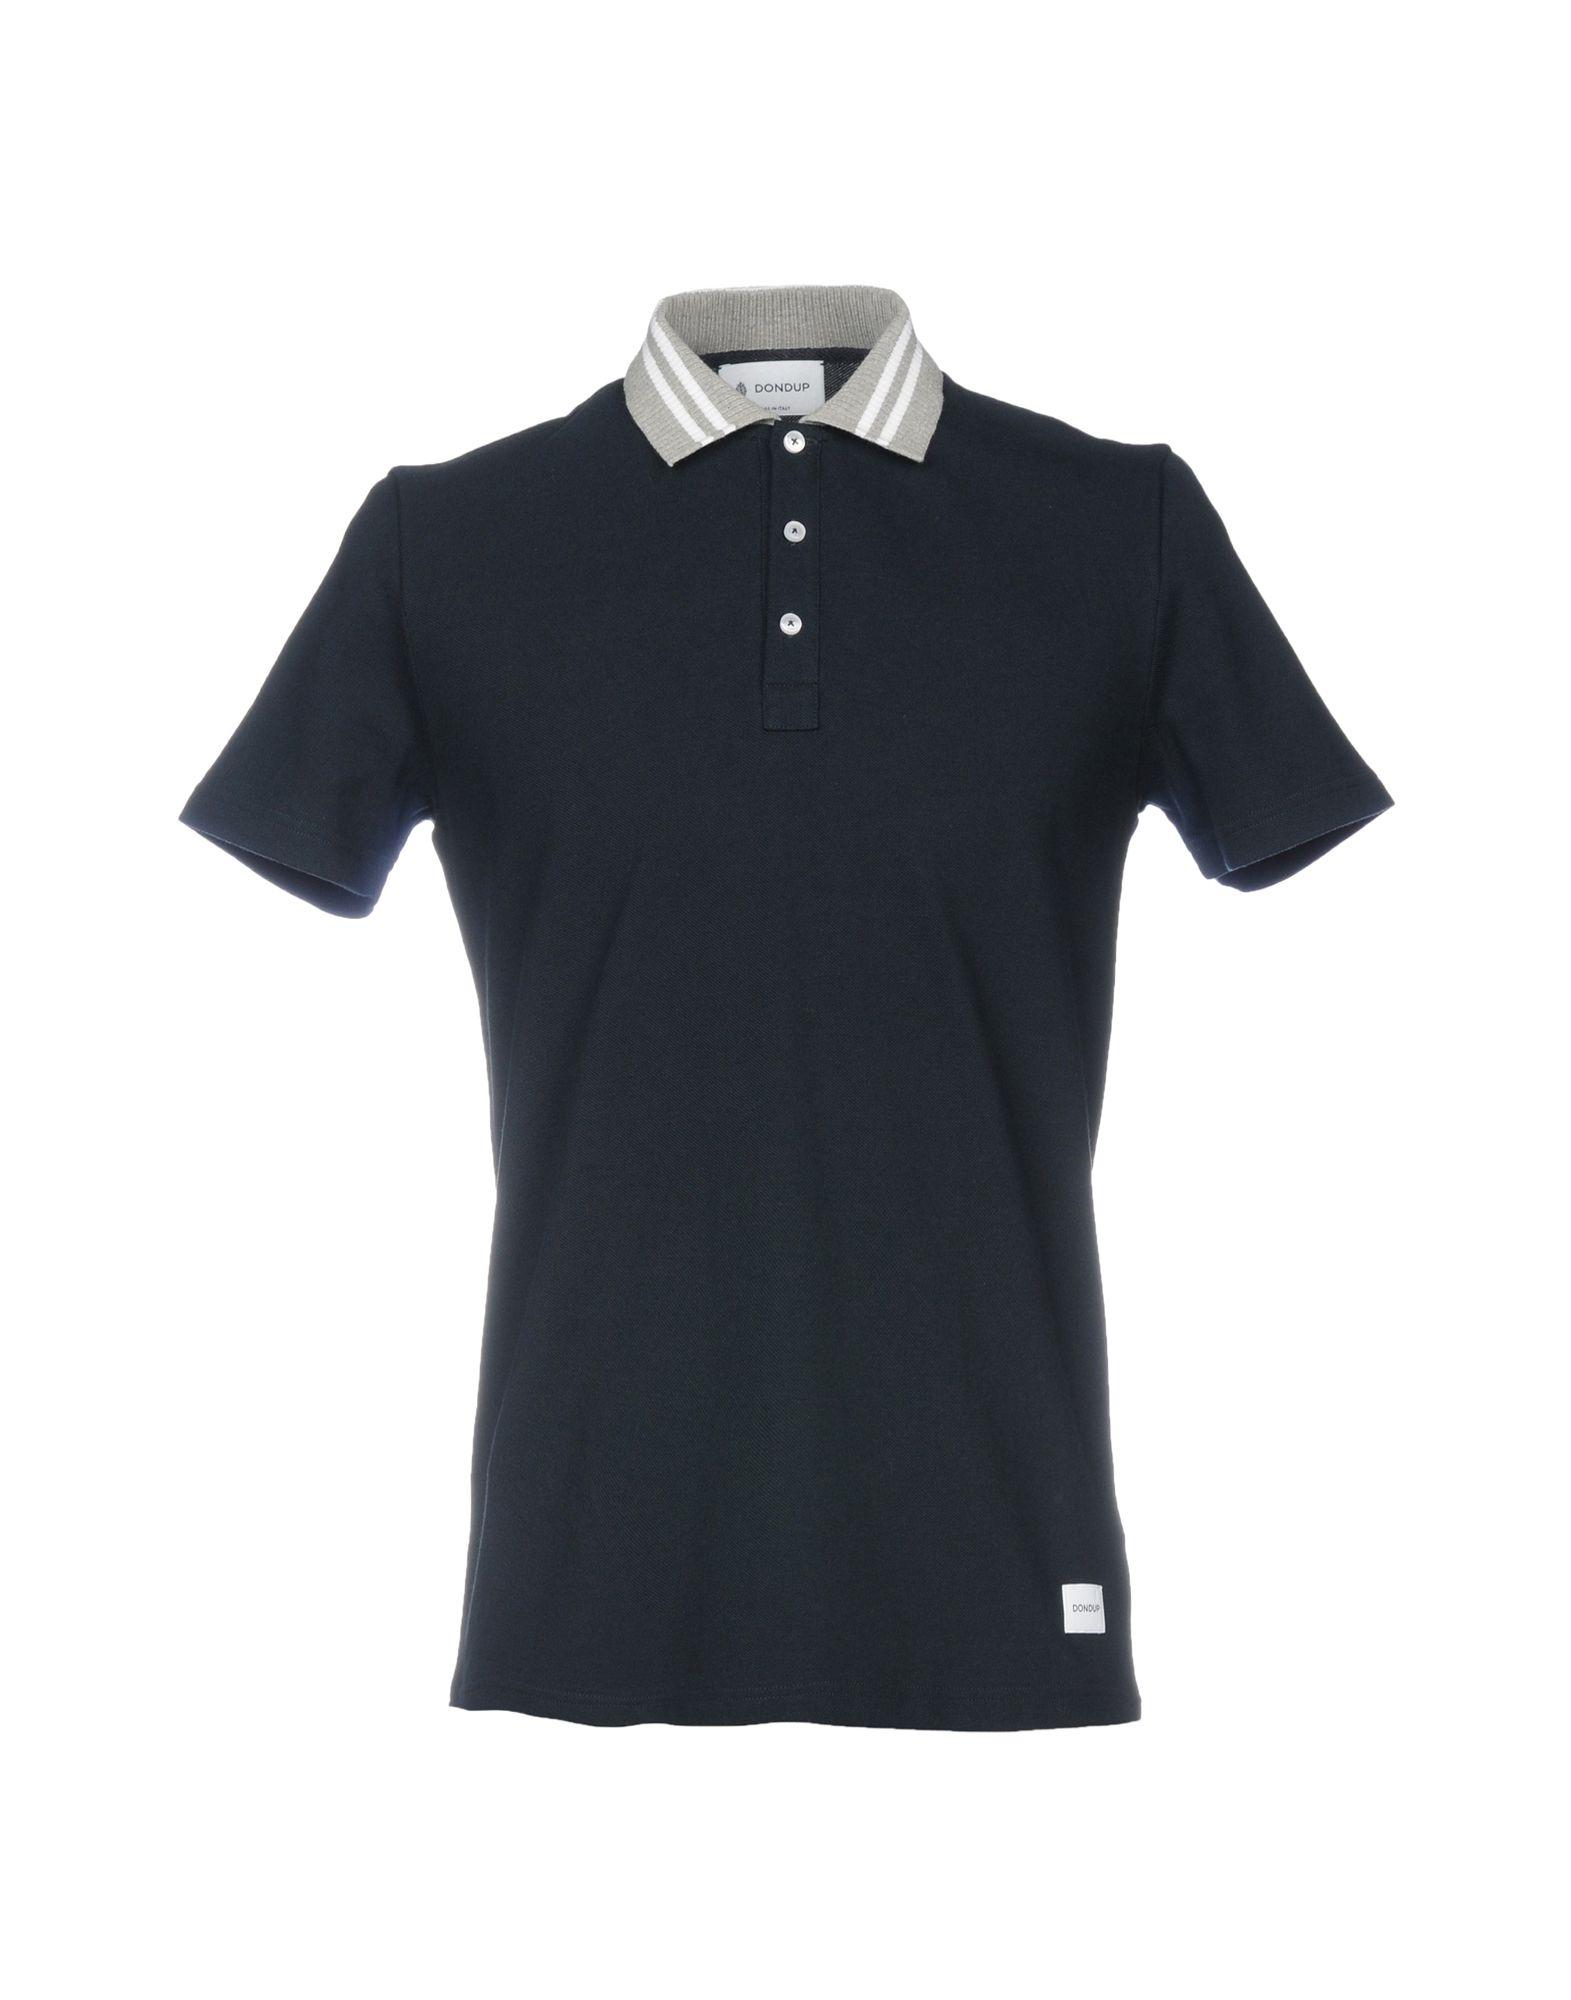 《送料無料》DONDUP メンズ ポロシャツ ダークブルー M コットン 100%